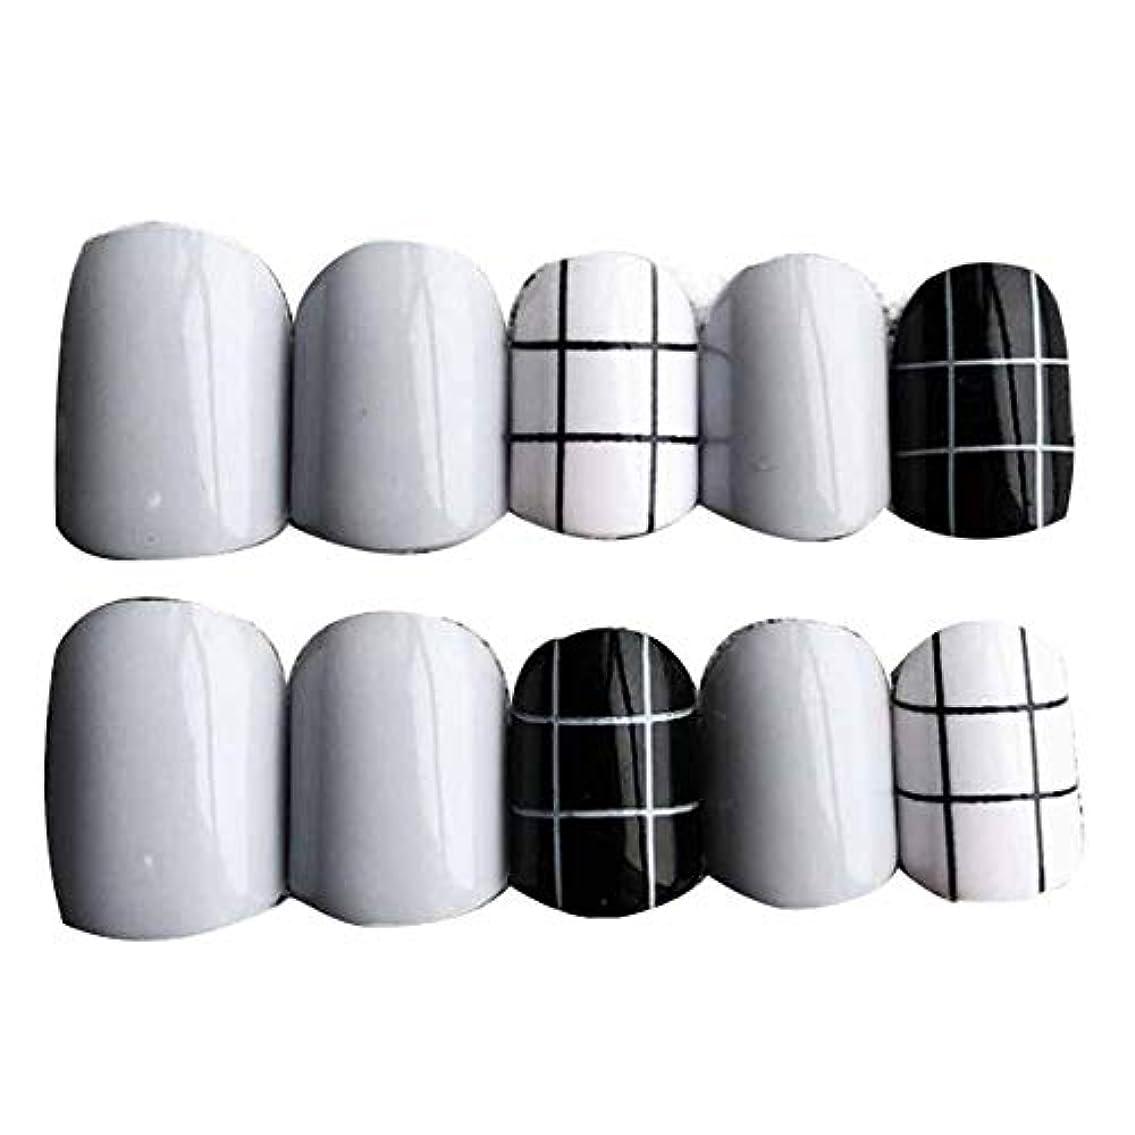 推定多分ほのめかすグレー/ブラック 丸い偽爪人工偽爪のヒント 装飾